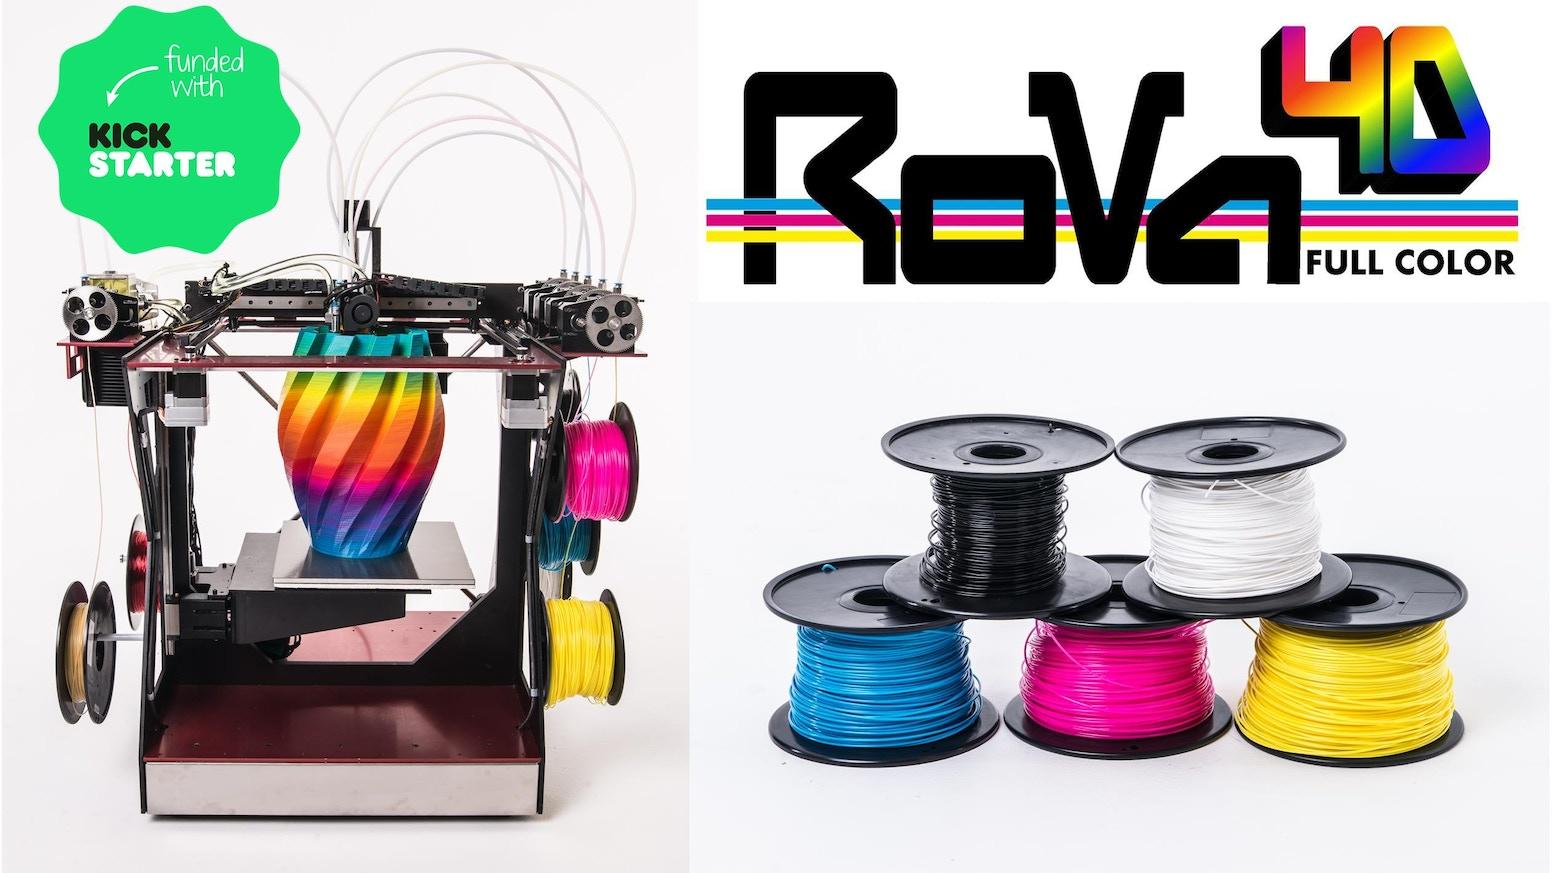 97 Full Color 3d Printer